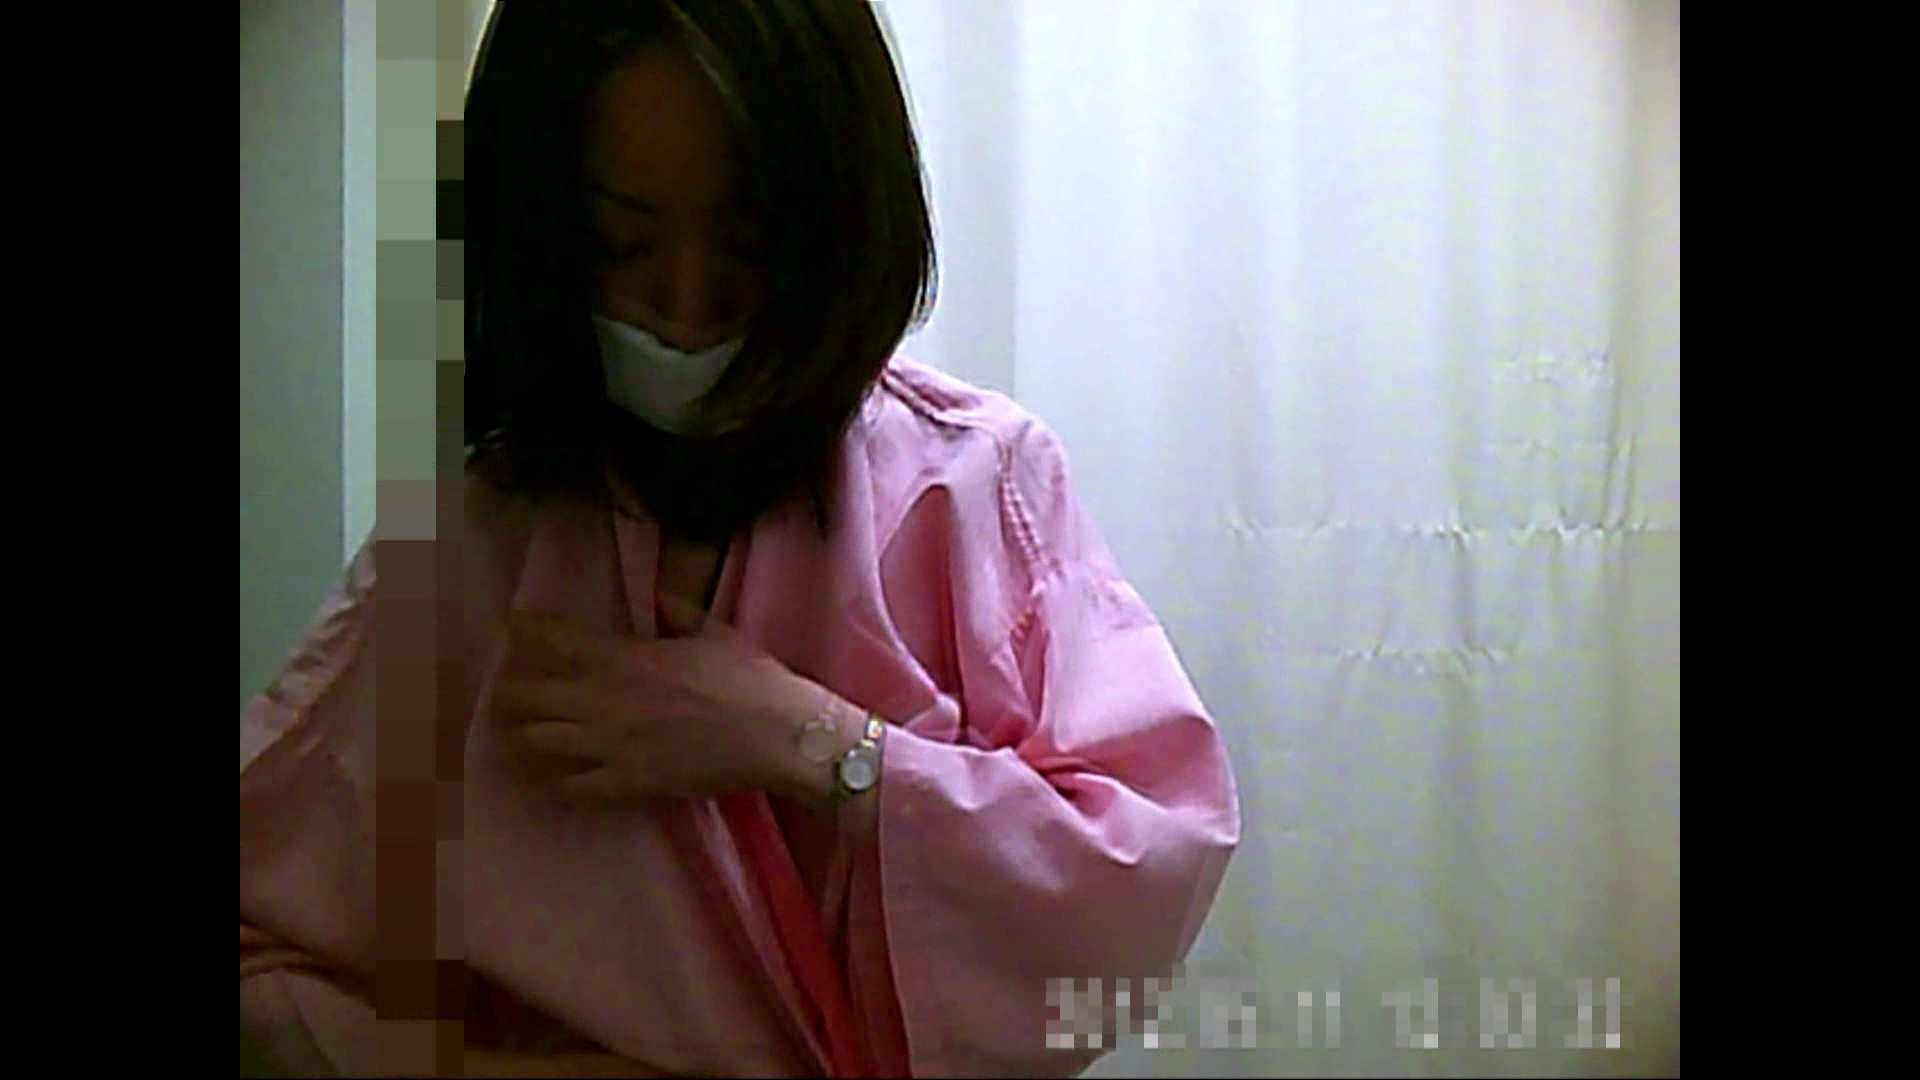 元医者による反抗 更衣室地獄絵巻 vol.267 OLハメ撮り  81Pix 5